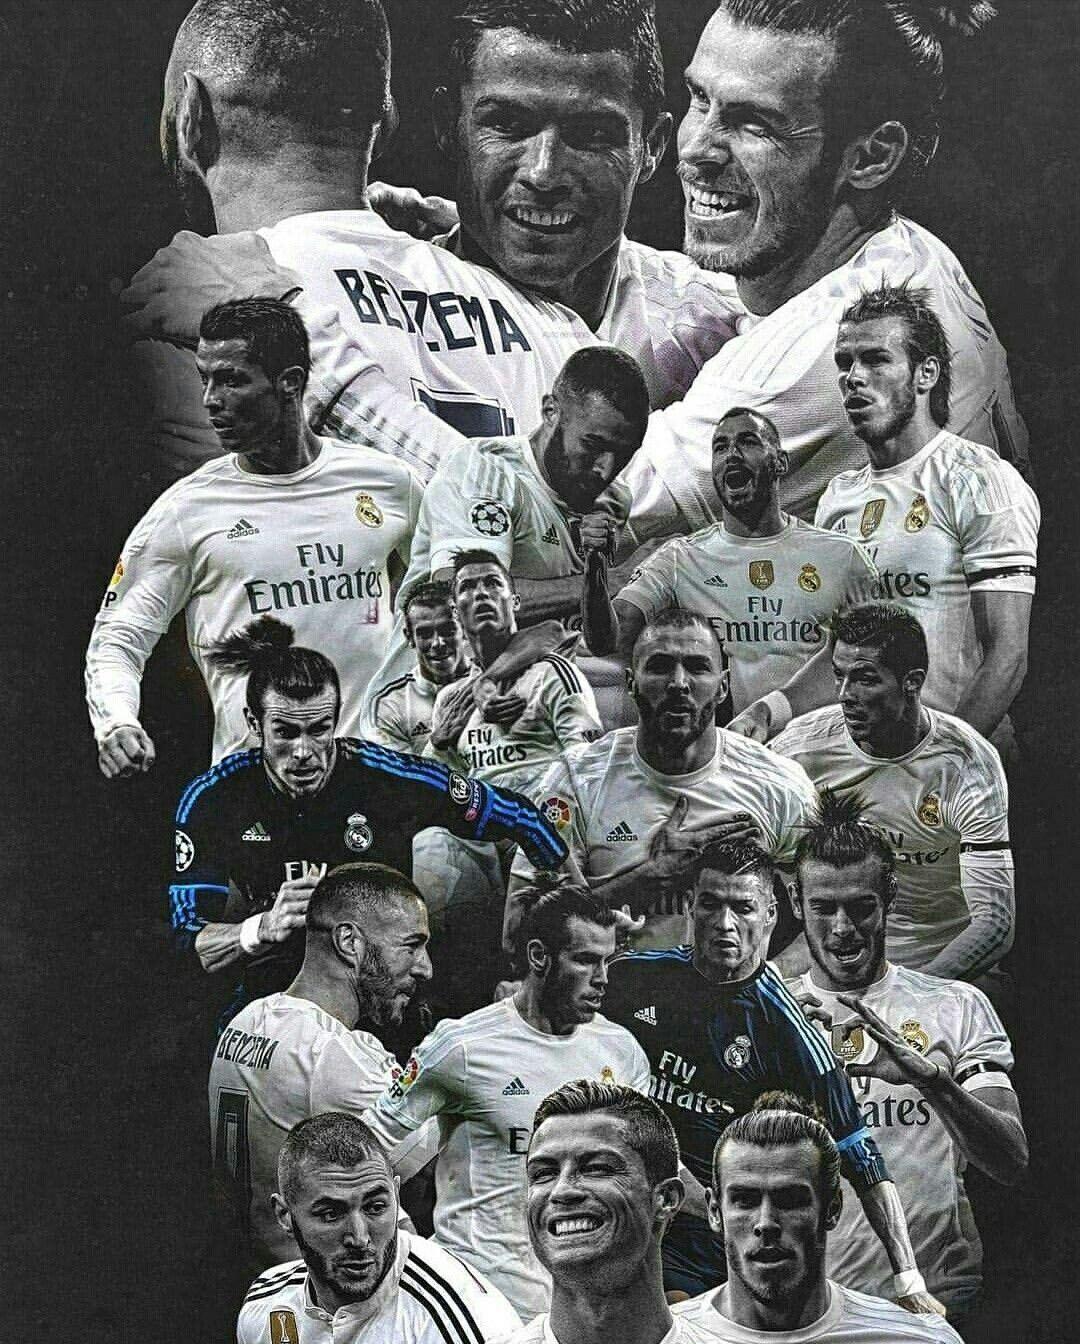 Imagen Sobre Garet Bale De Naya Palari En Real Madrid Jugadores Del Real Madrid Real Madrid